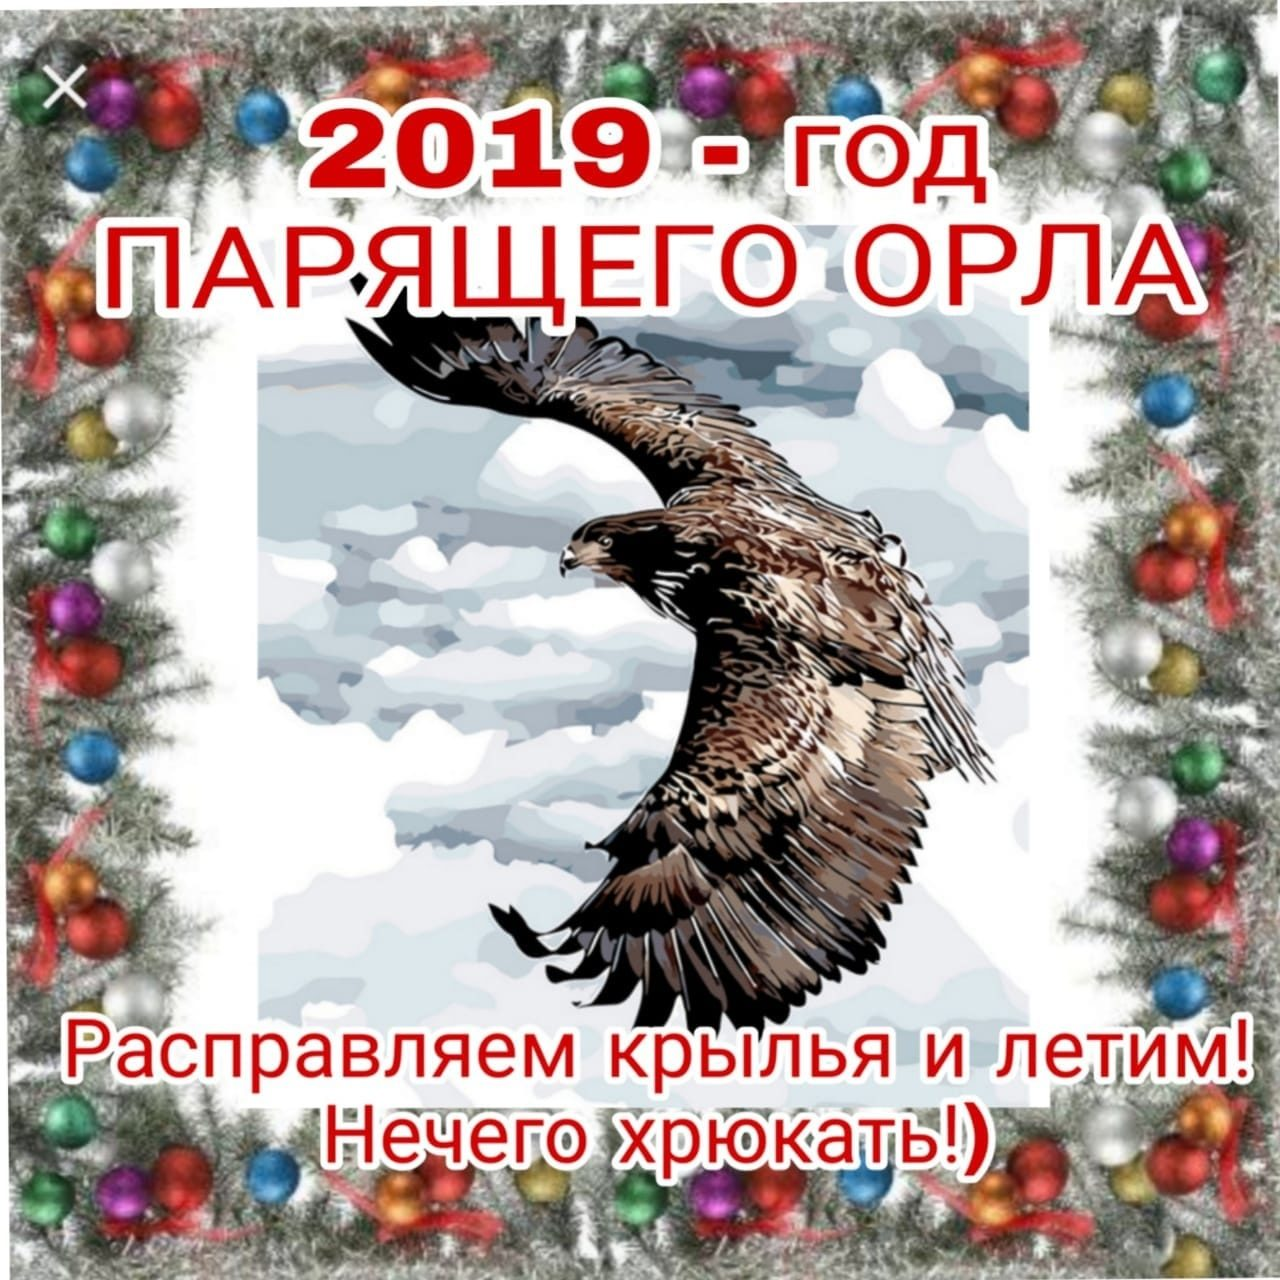 Открытки с годом орла, своих открыток рисунку